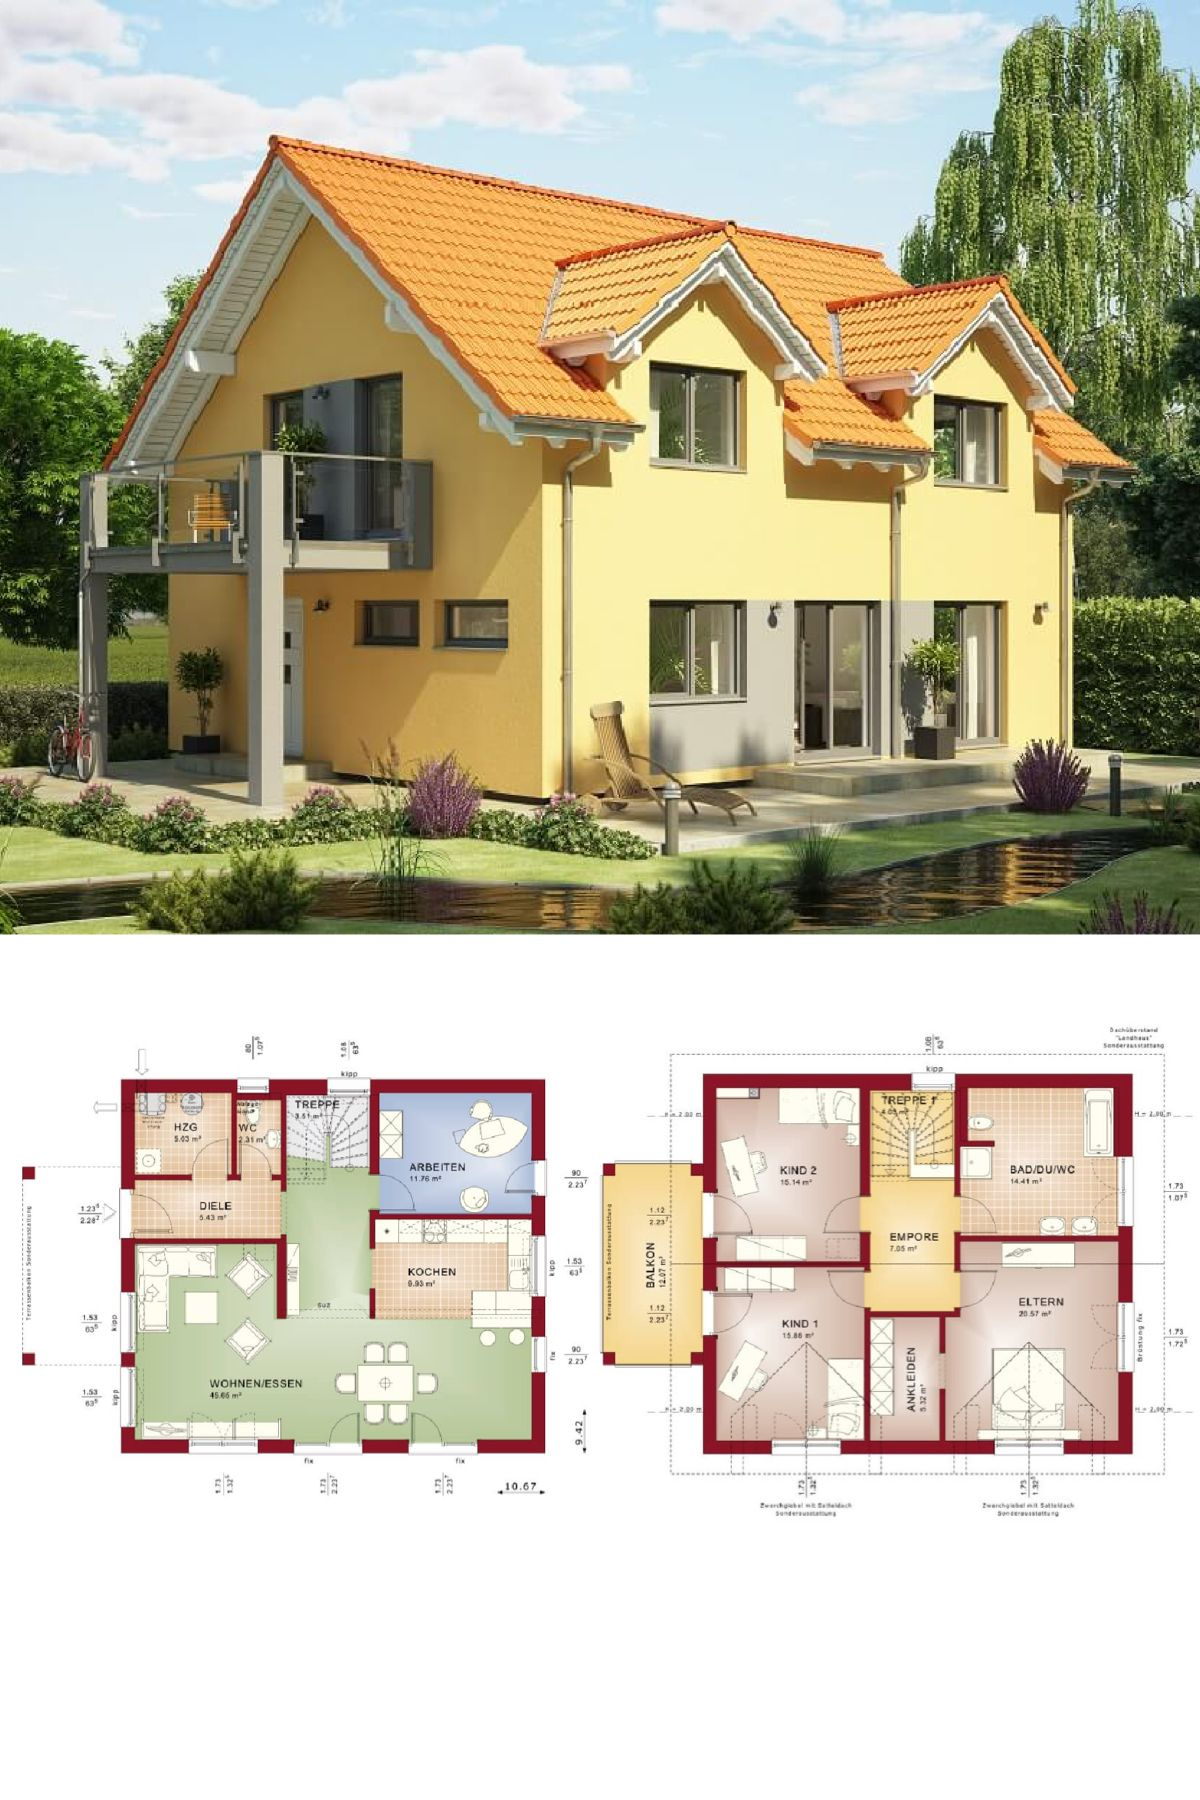 Haus landhausstil fertighaus  Einfamilienhaus mit Satteldach im Landhausstil - Haus Grundriss ...